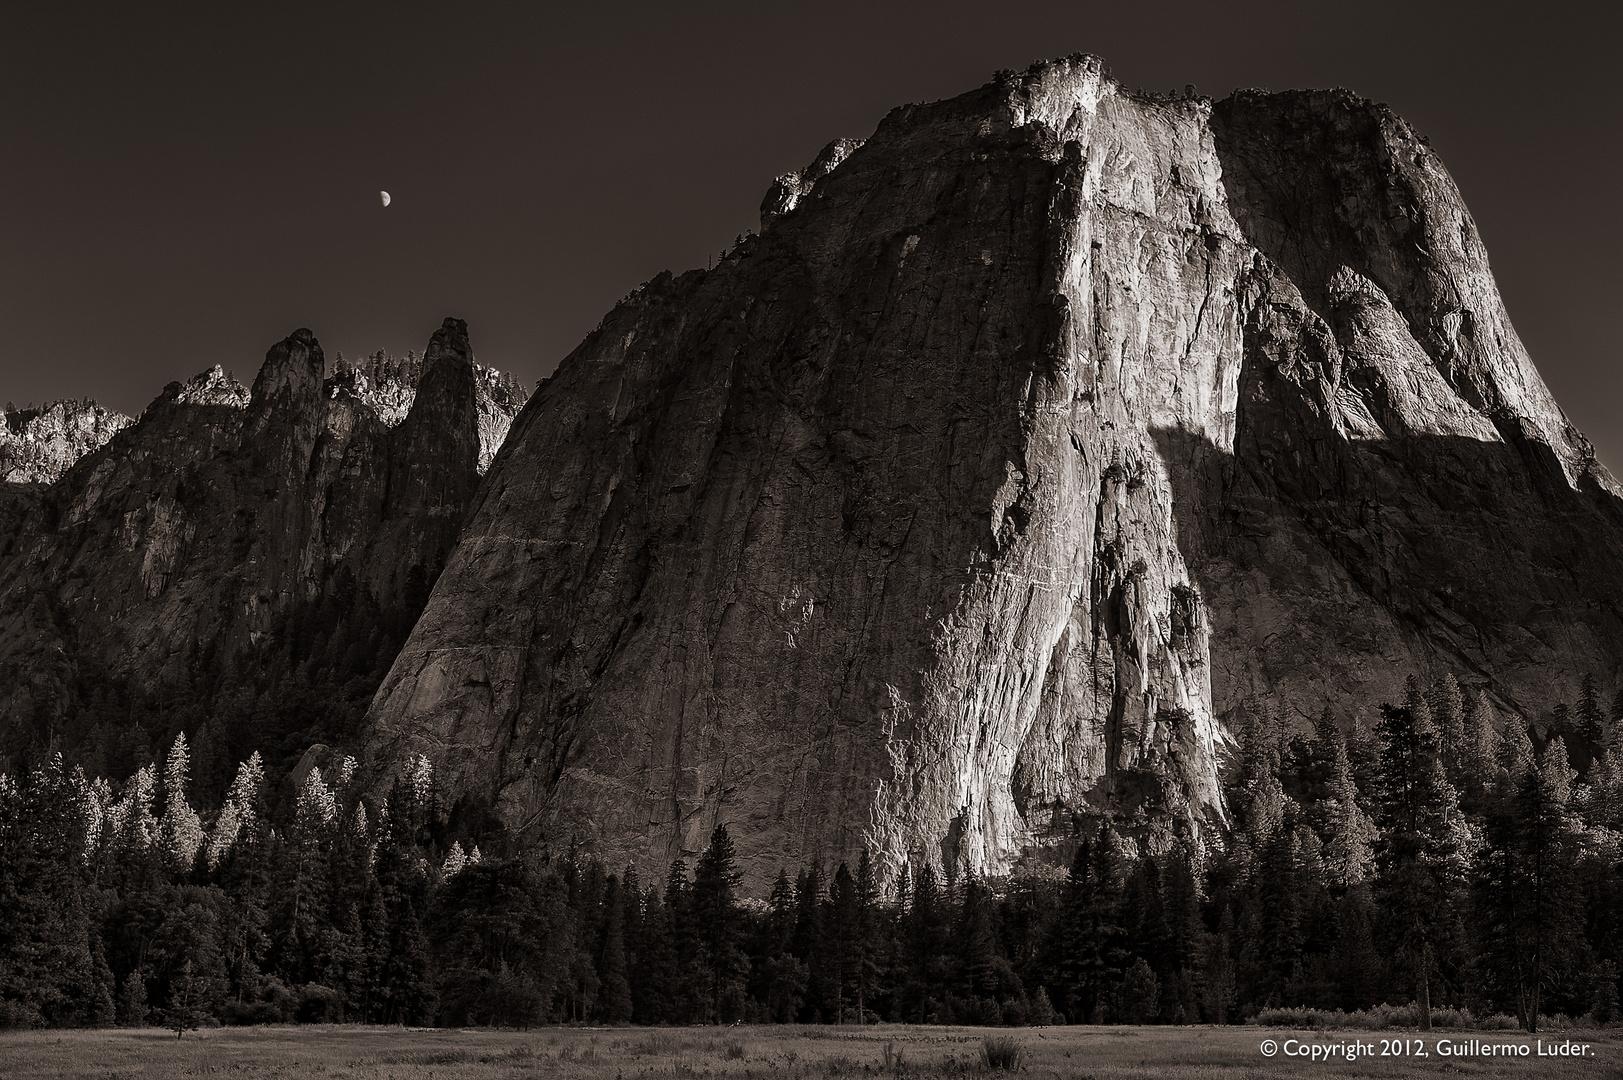 Hacia la noche en Yosemite